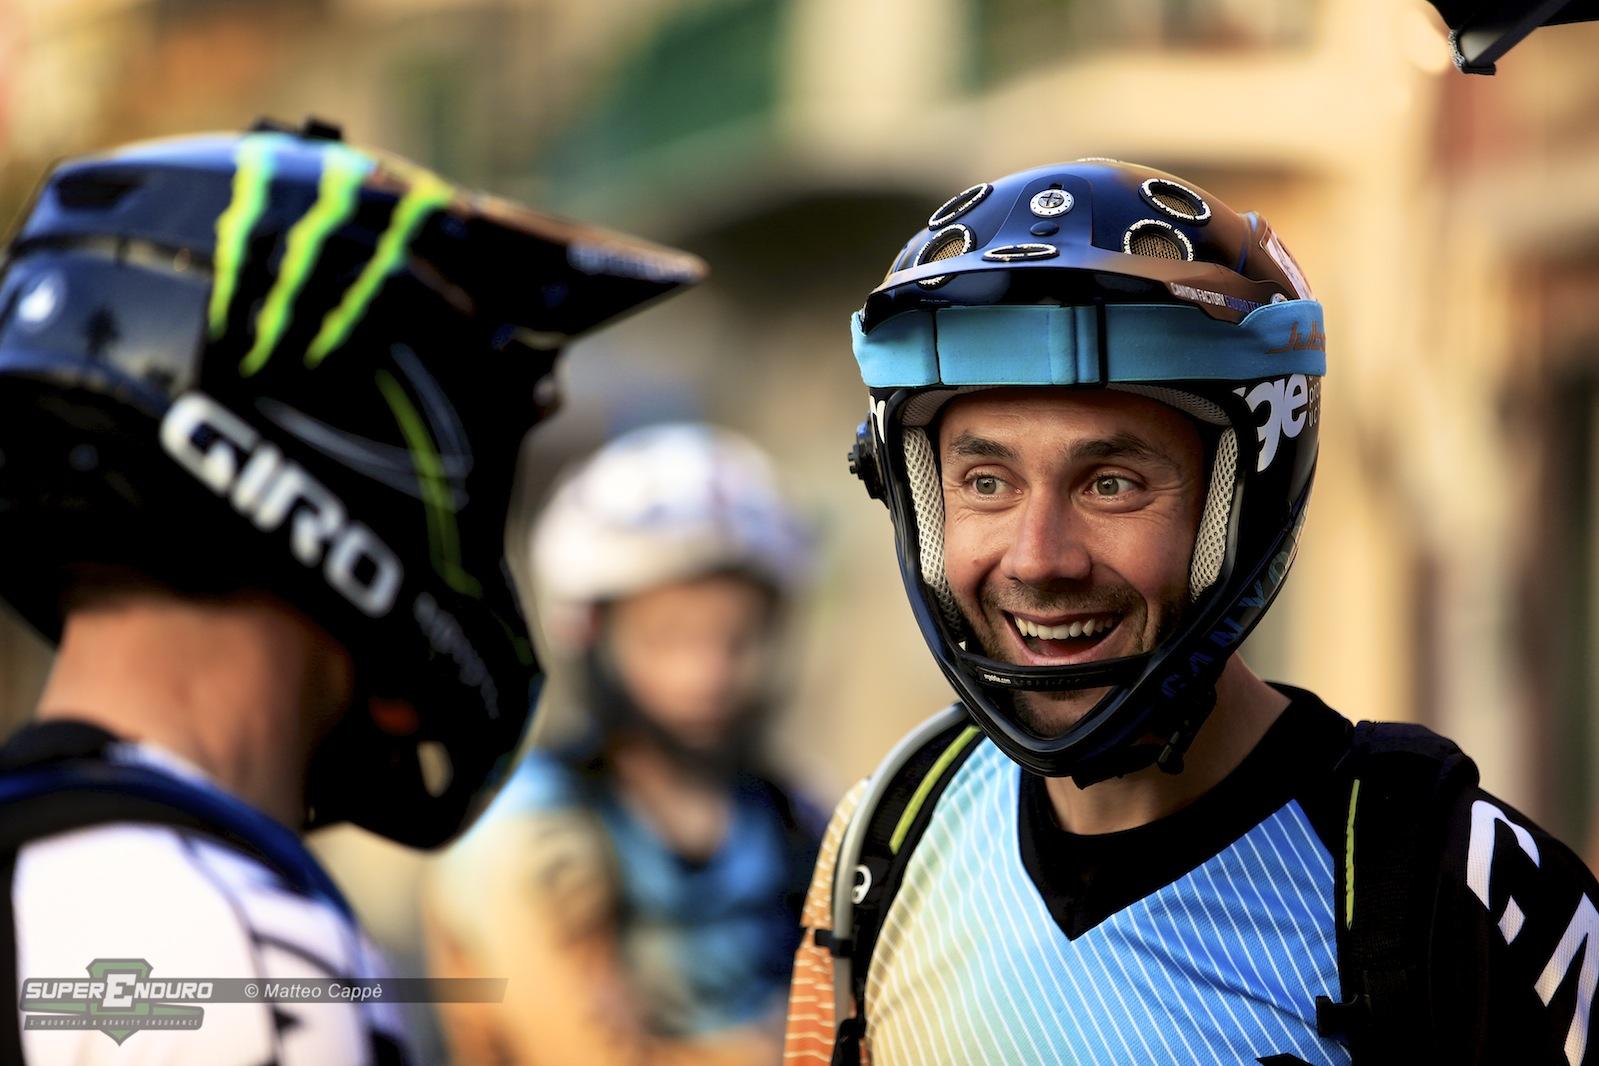 Canyon Fahrer Fabien Barel wurde Vierter in Finale